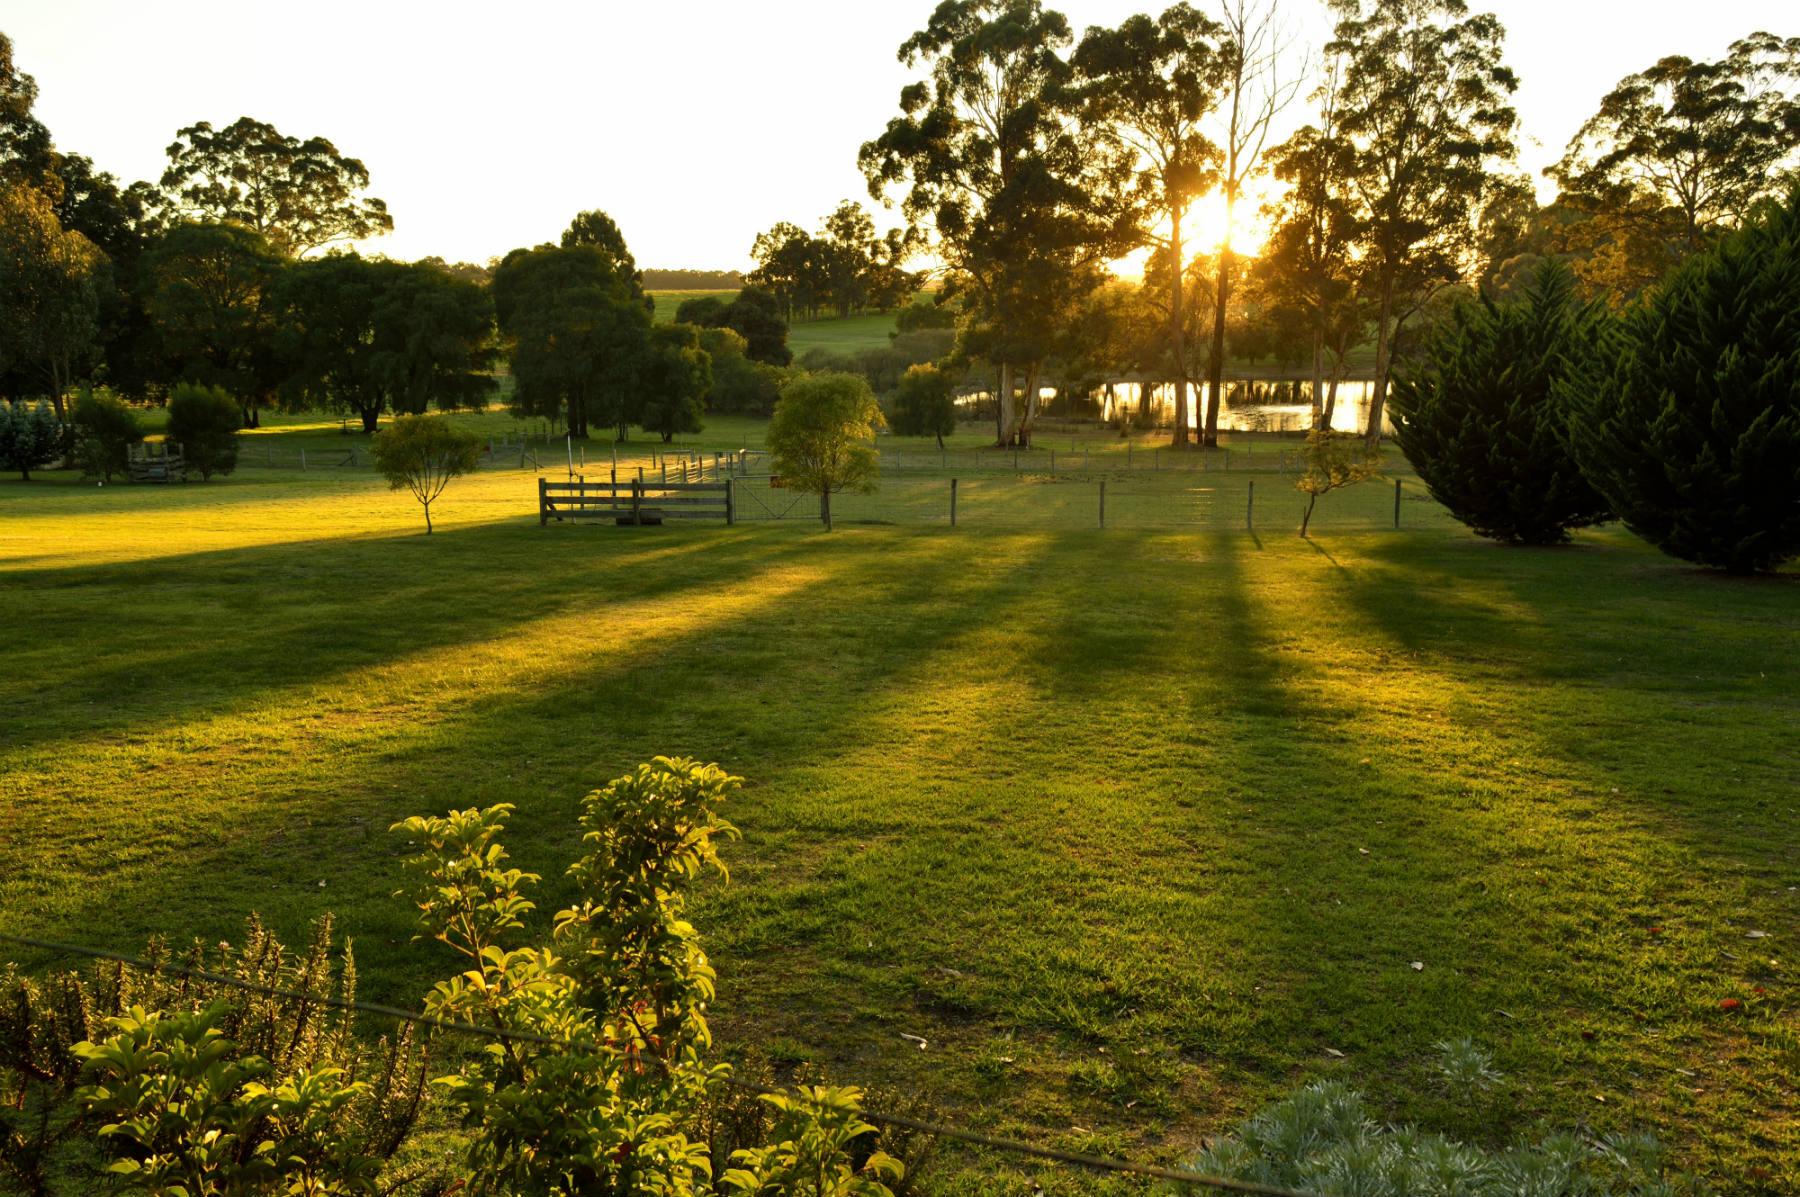 Scenic rural views